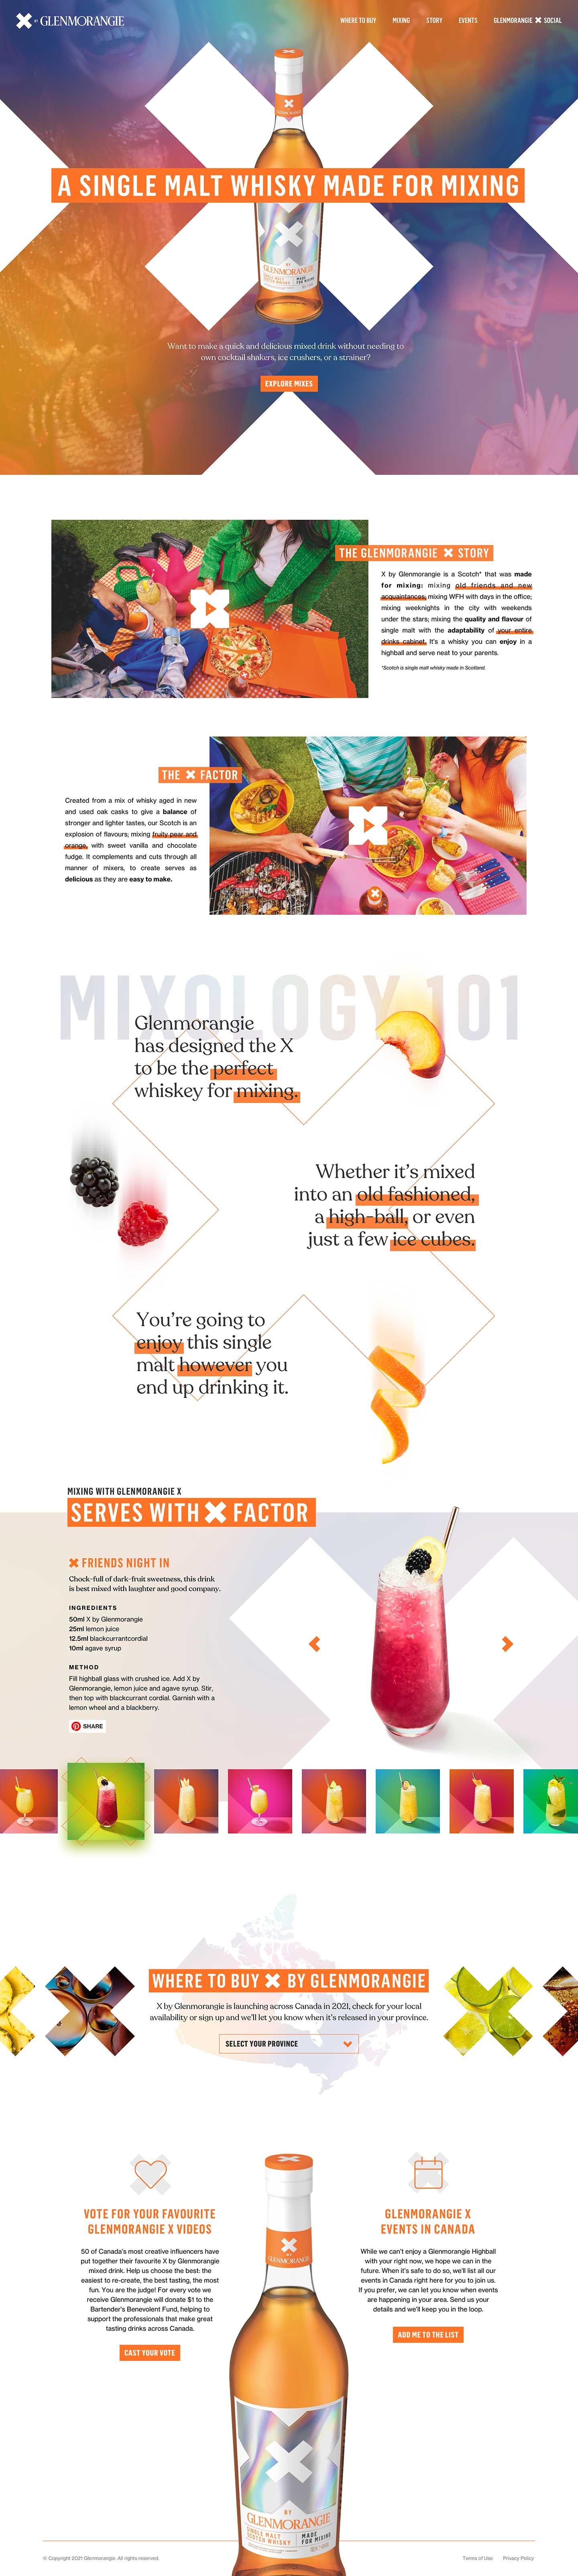 X by Glenmorangie Social Influencer Contest Website Design